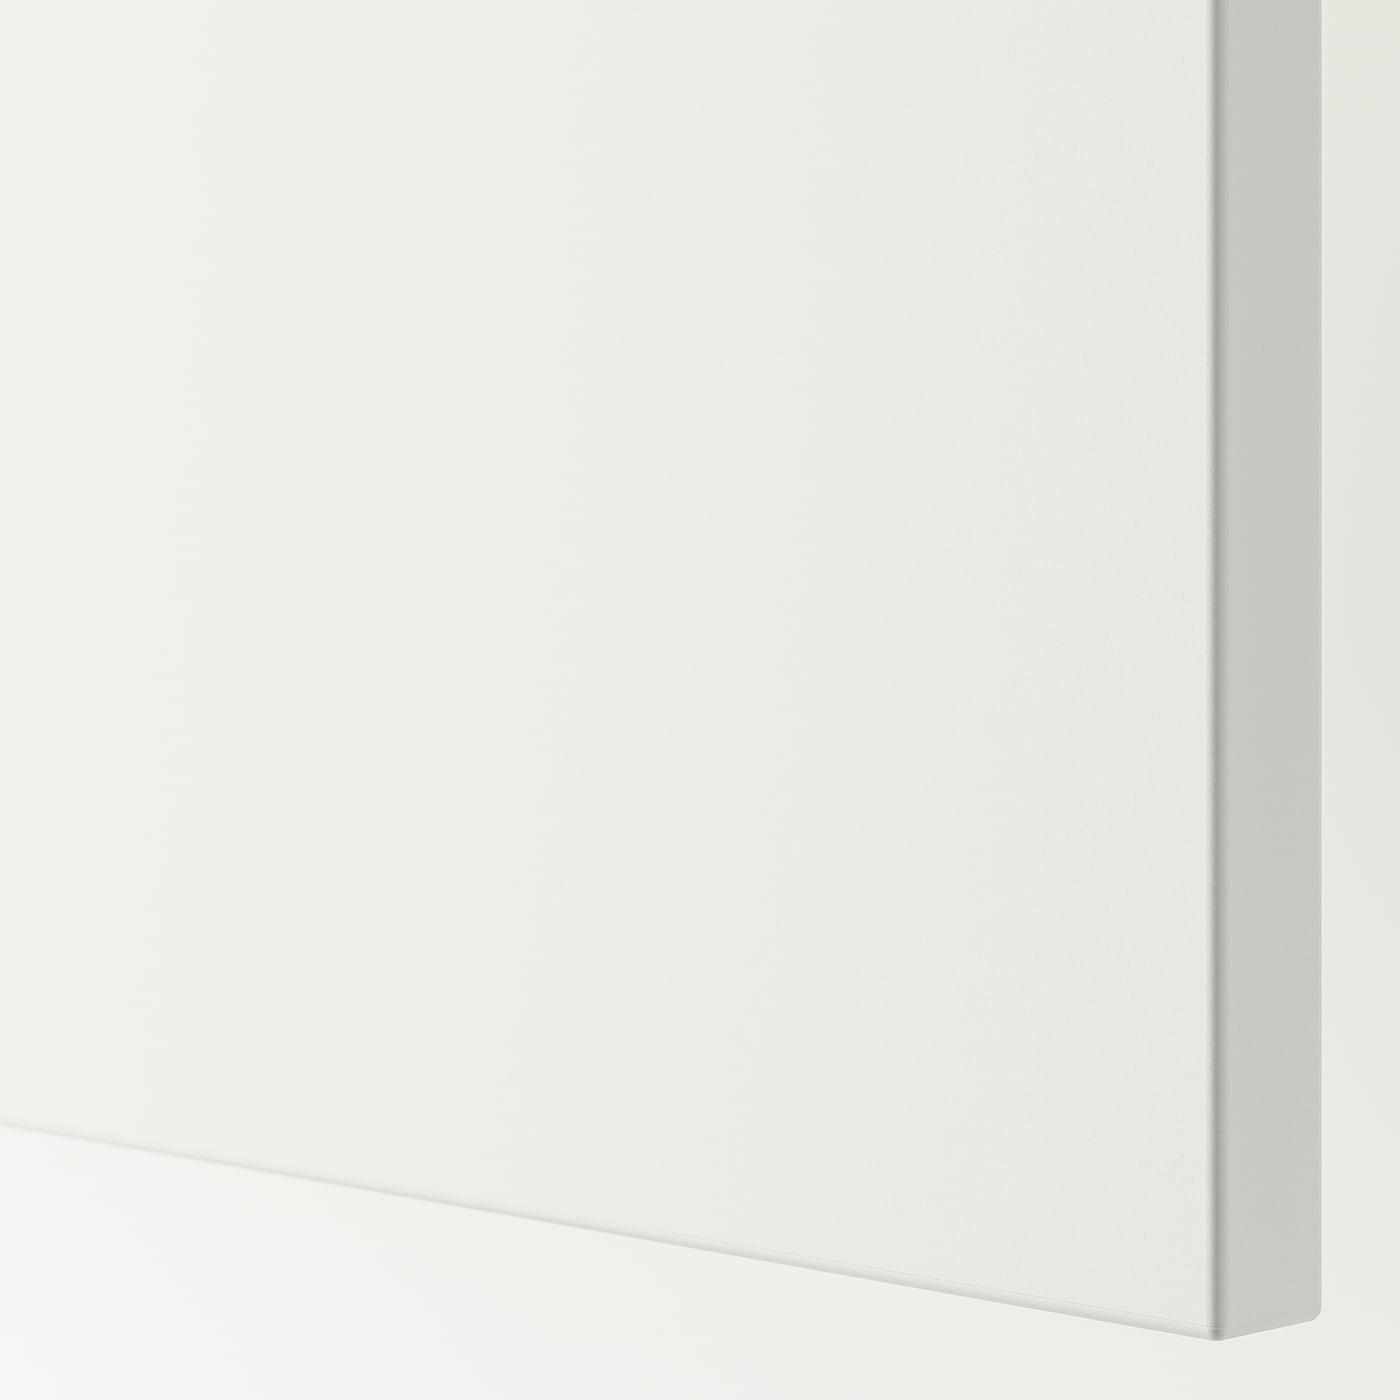 FONNES pair of sliding doors white 180 cm 120 cm 1.6 cm